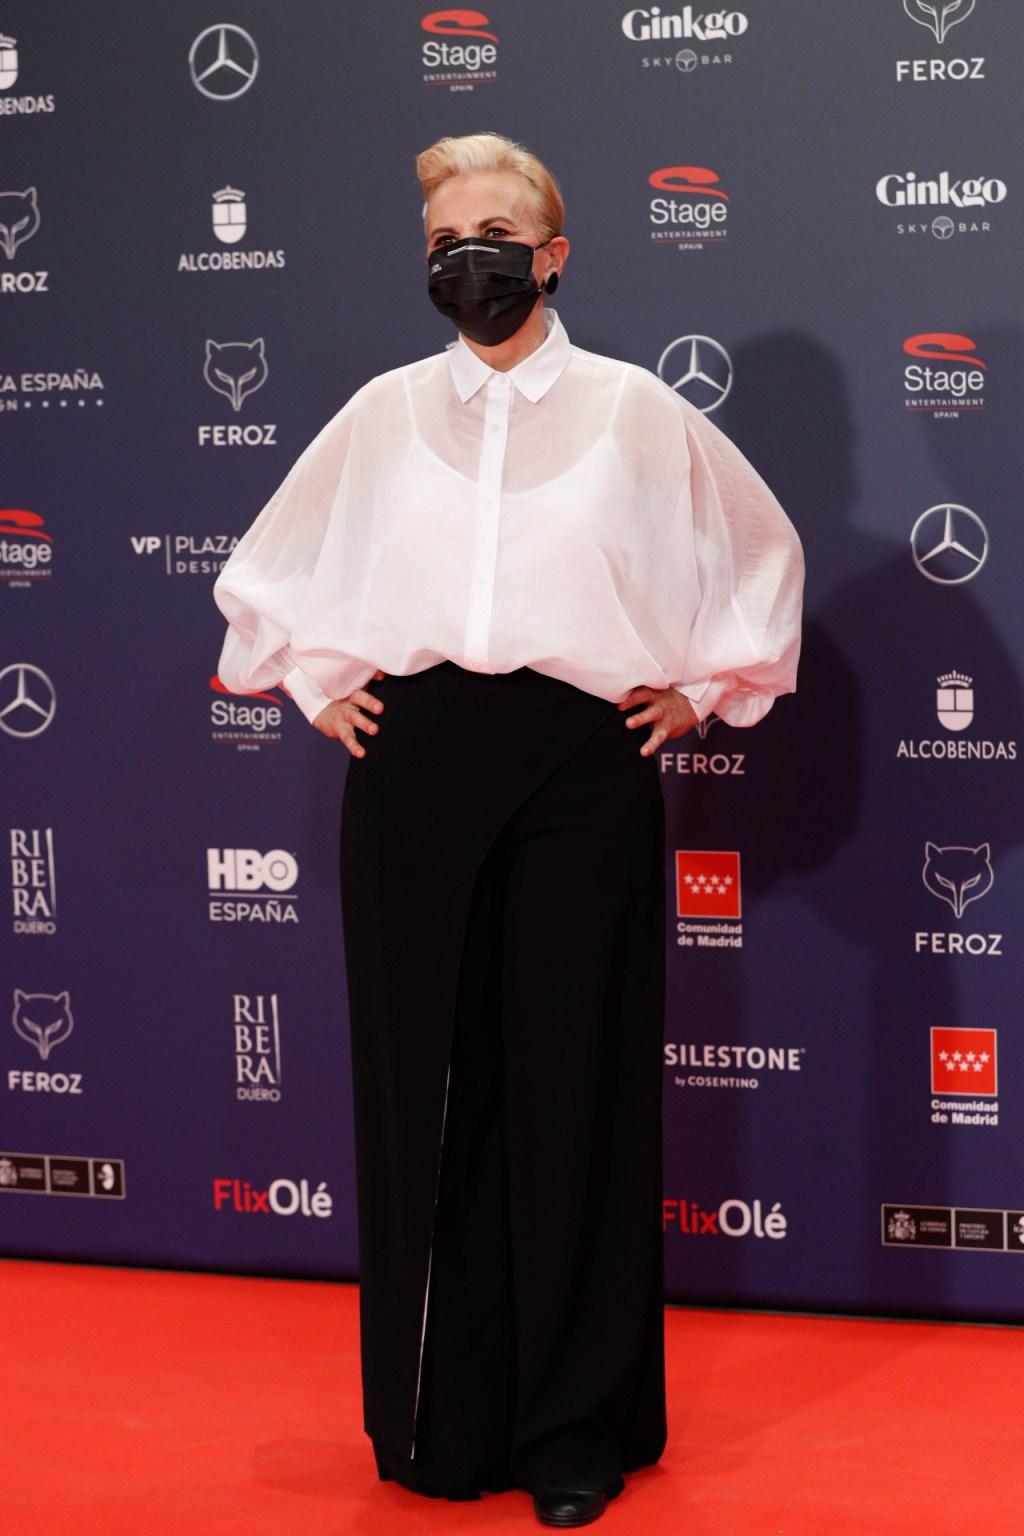 Todos los looks de la alfombra roja de los Premios Feroz 2021